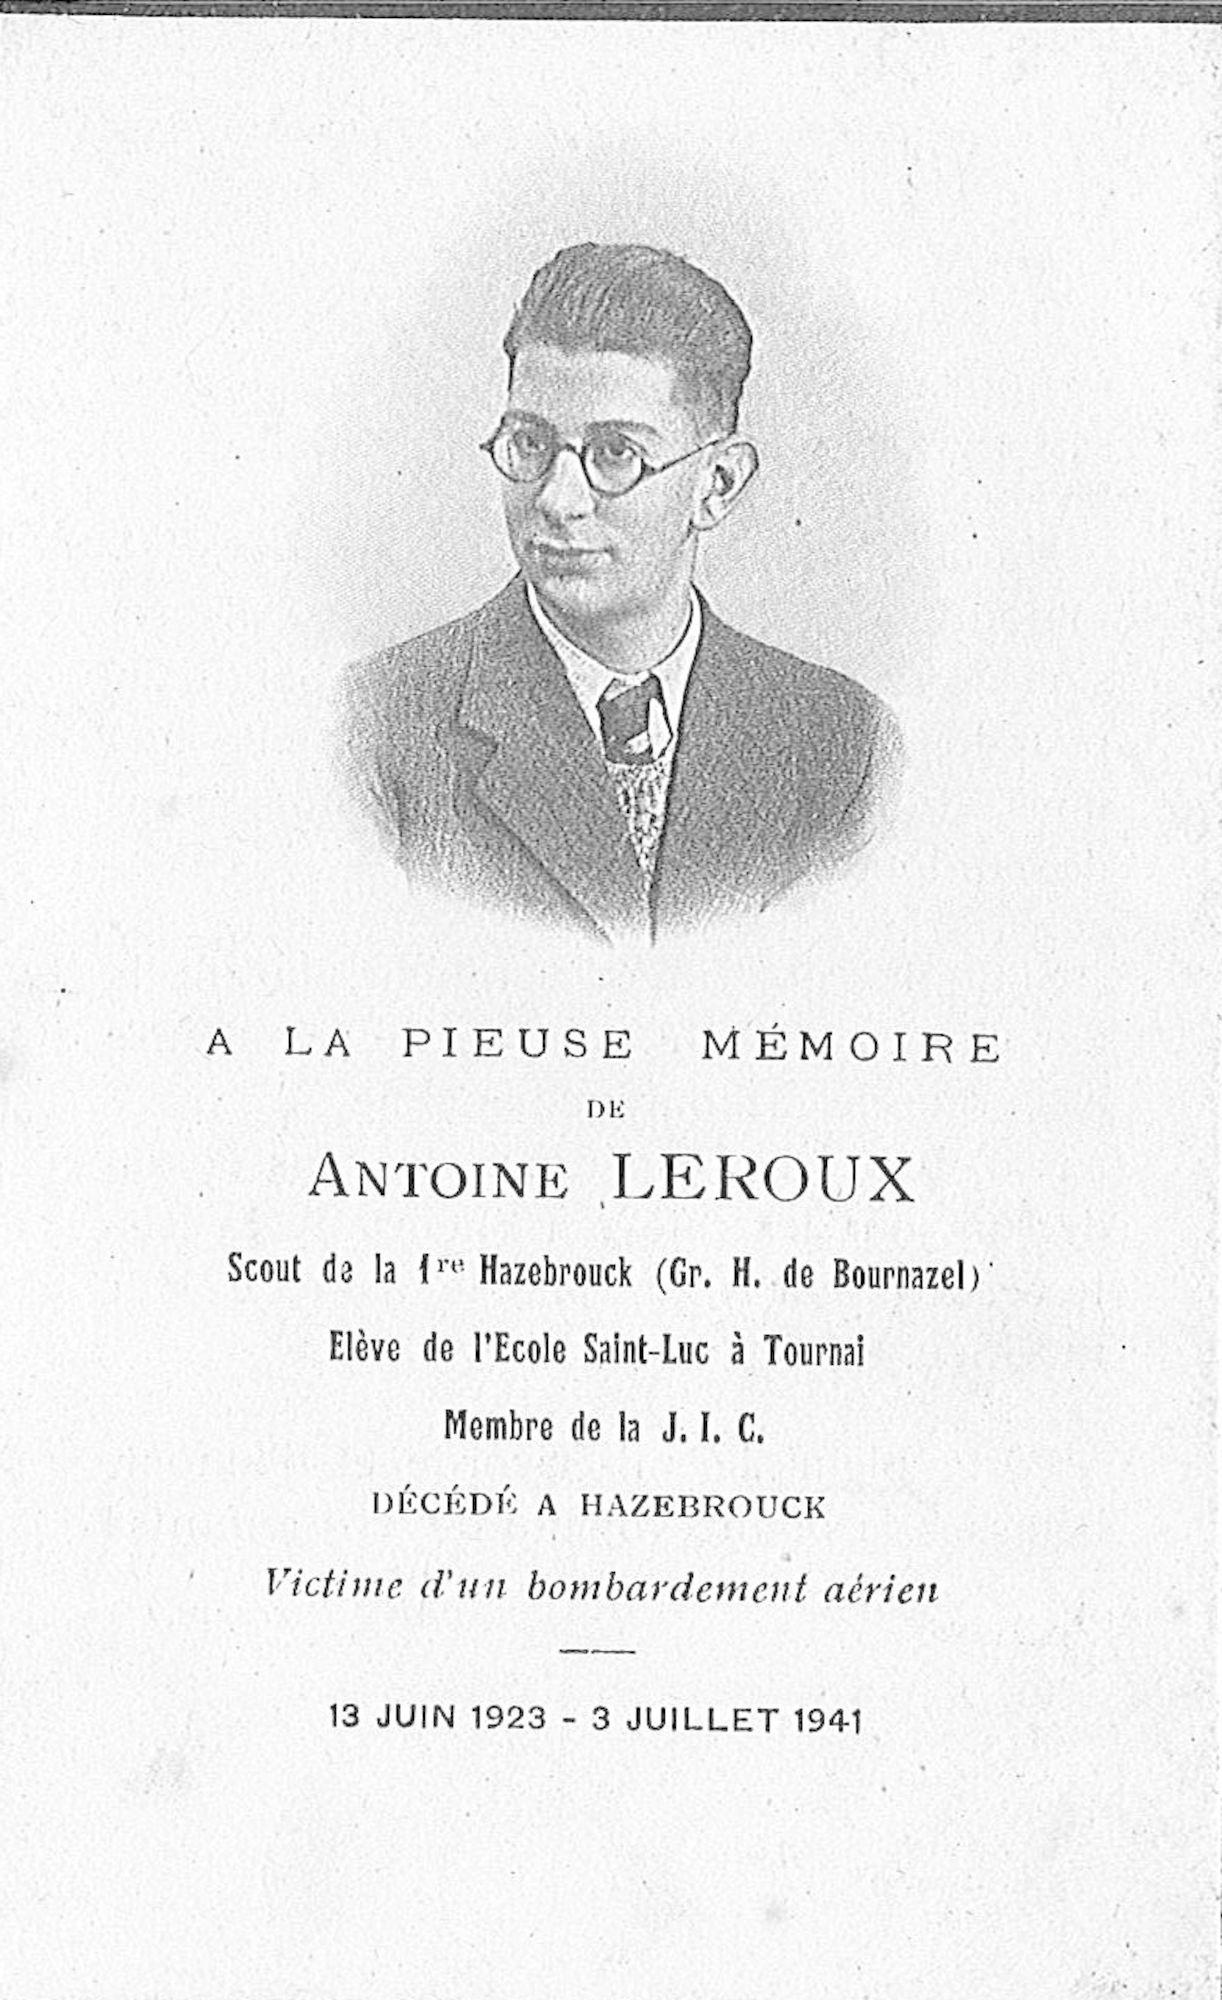 Antoine Leroux